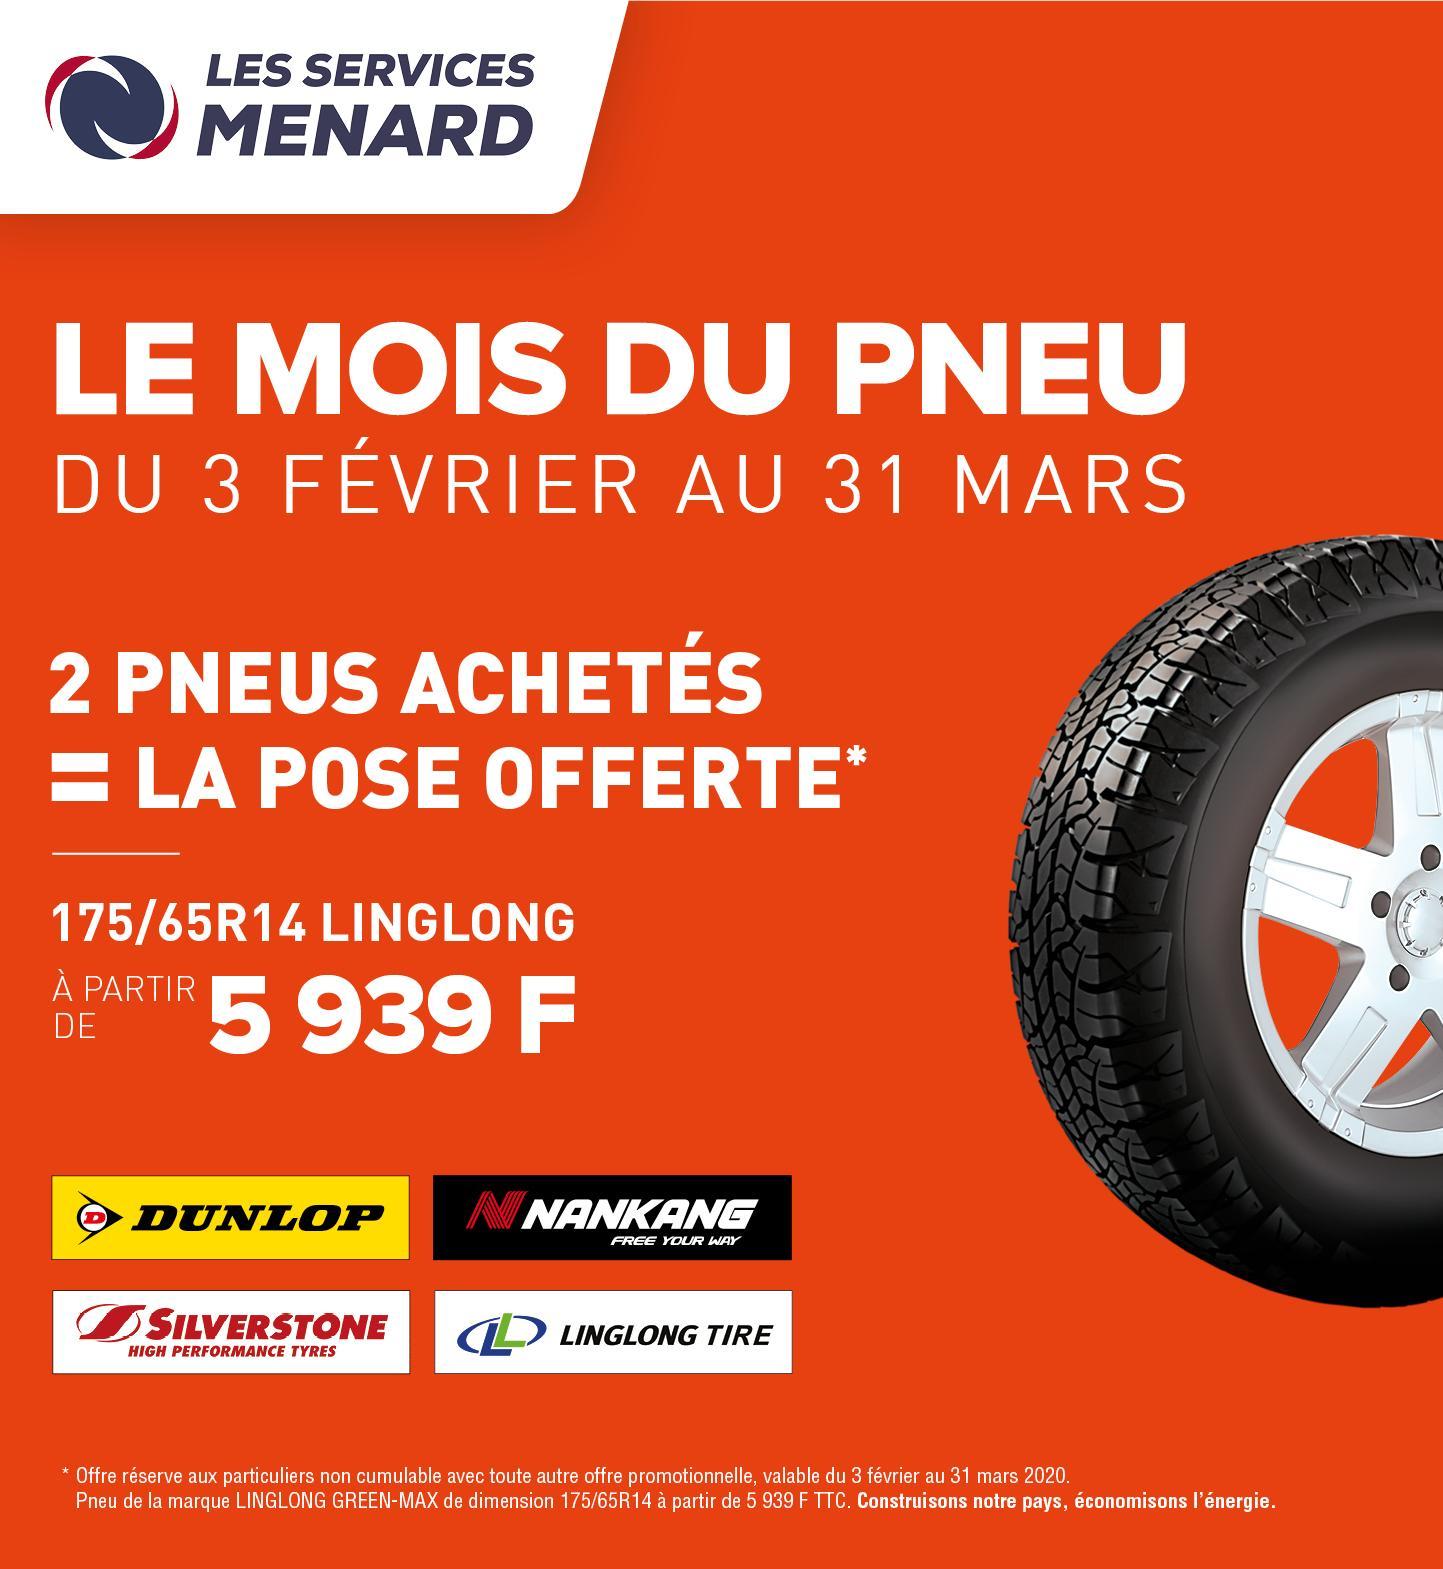 Mois du pneu